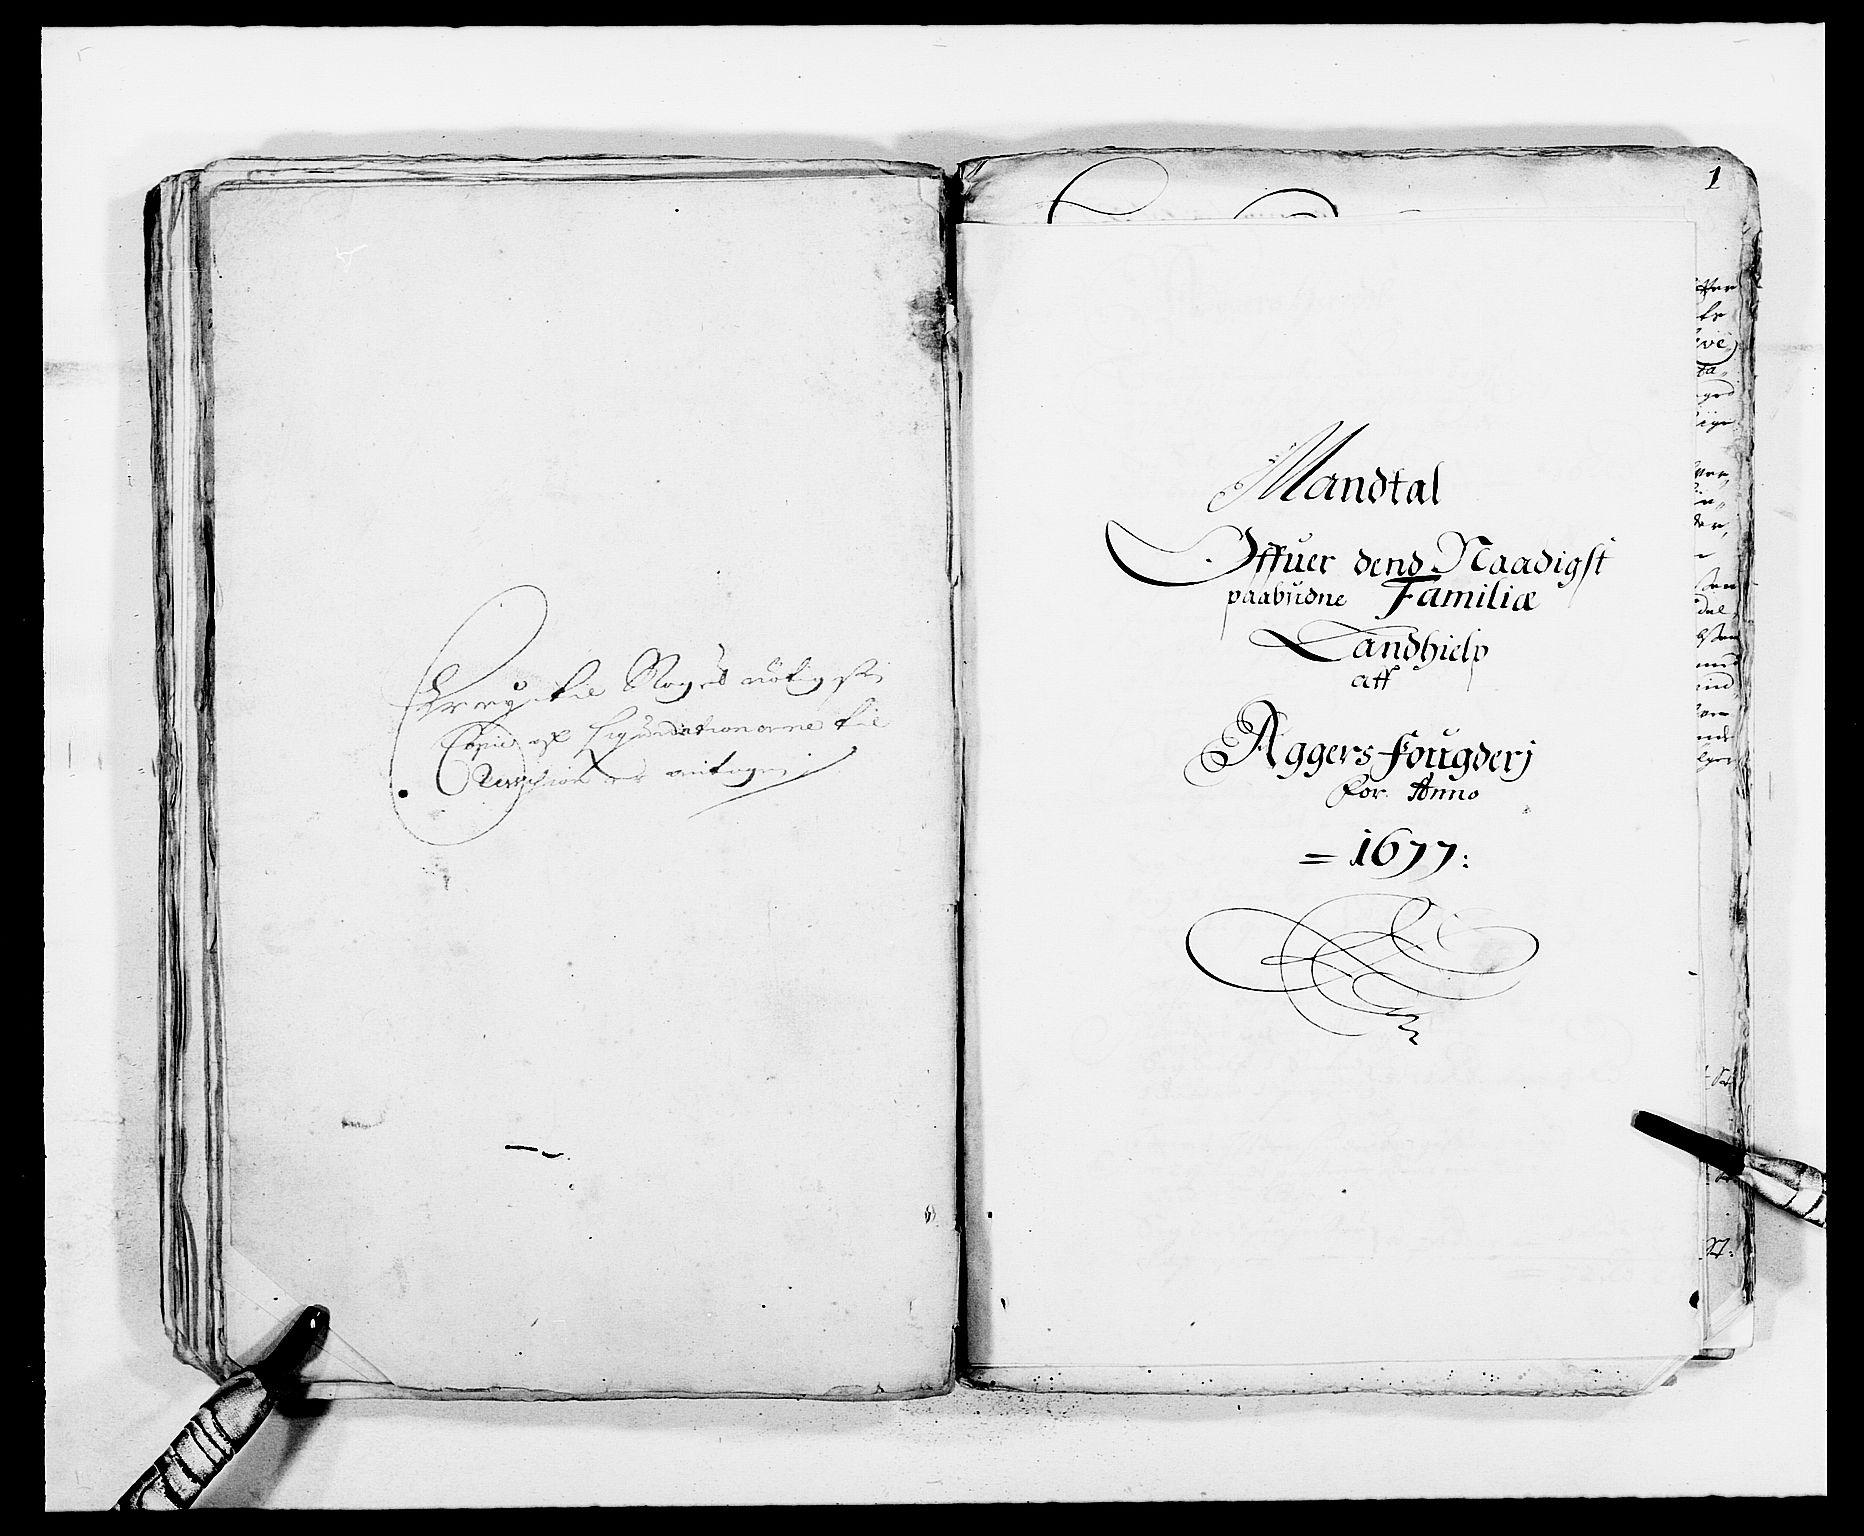 RA, Rentekammeret inntil 1814, Reviderte regnskaper, Fogderegnskap, R08/L0416: Fogderegnskap Aker, 1678-1681, s. 94